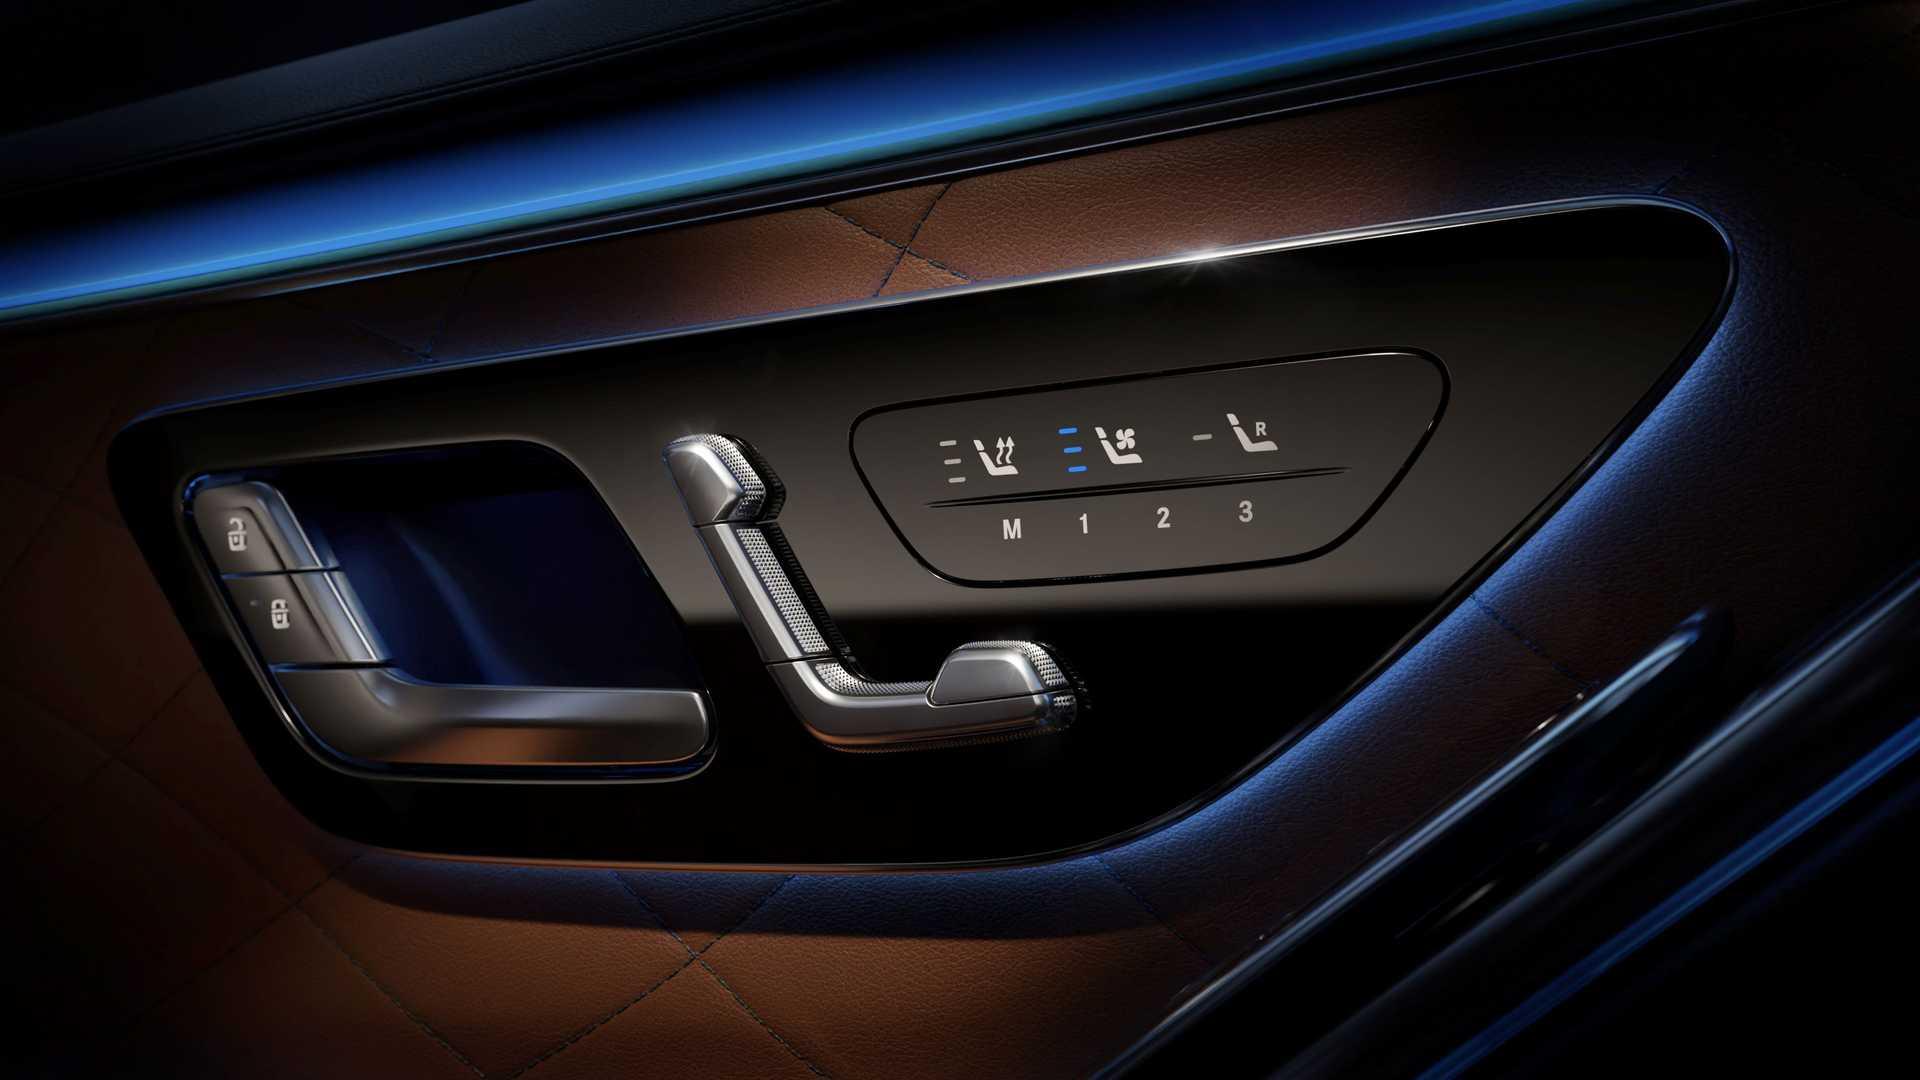 2021-mercedes-benz-s-class-ambient-lighting-4